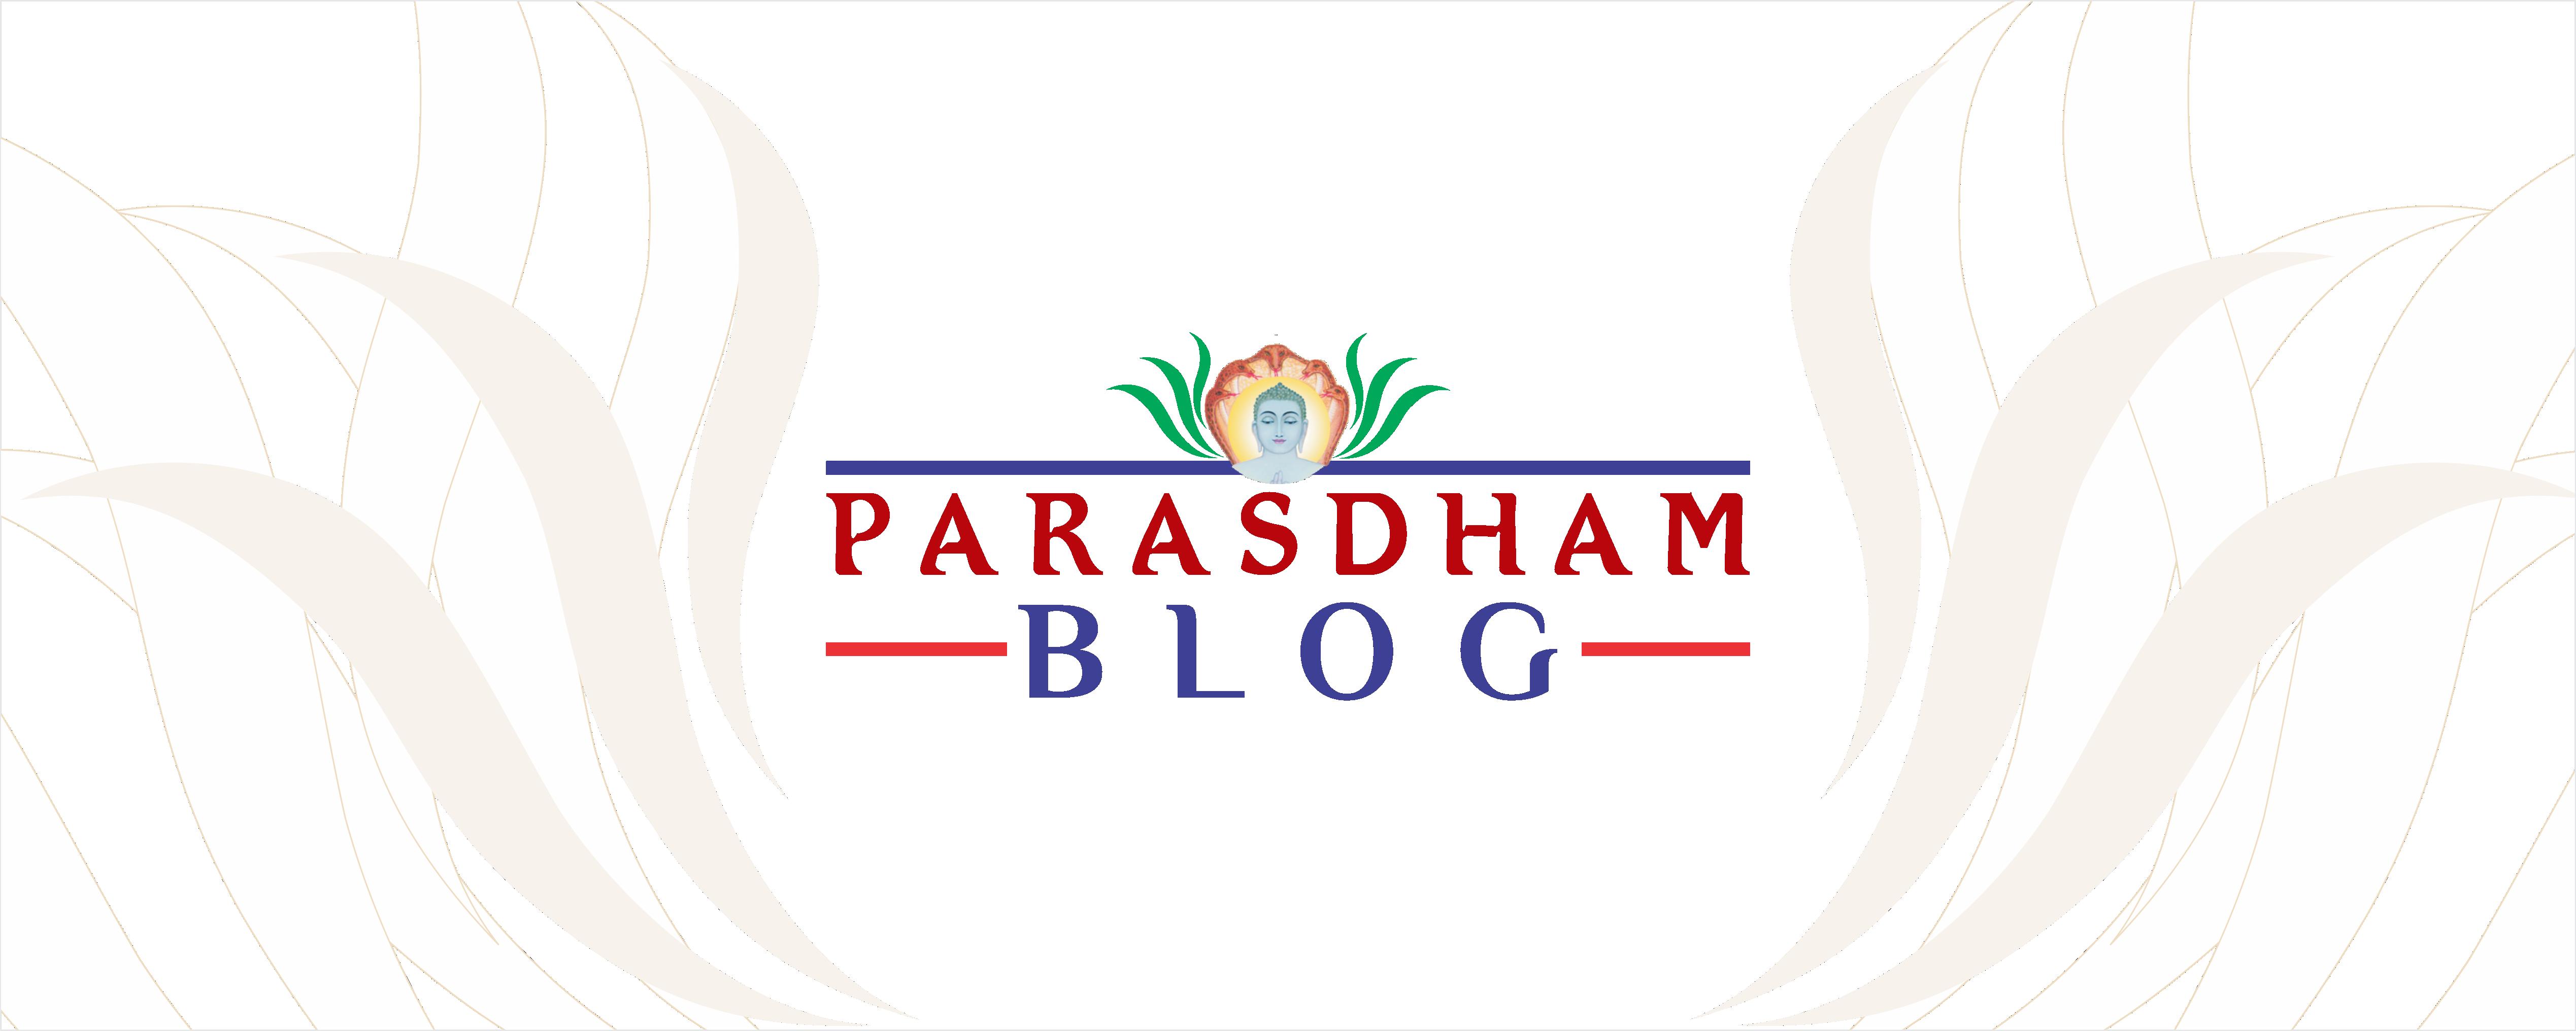 Parasdham Blog